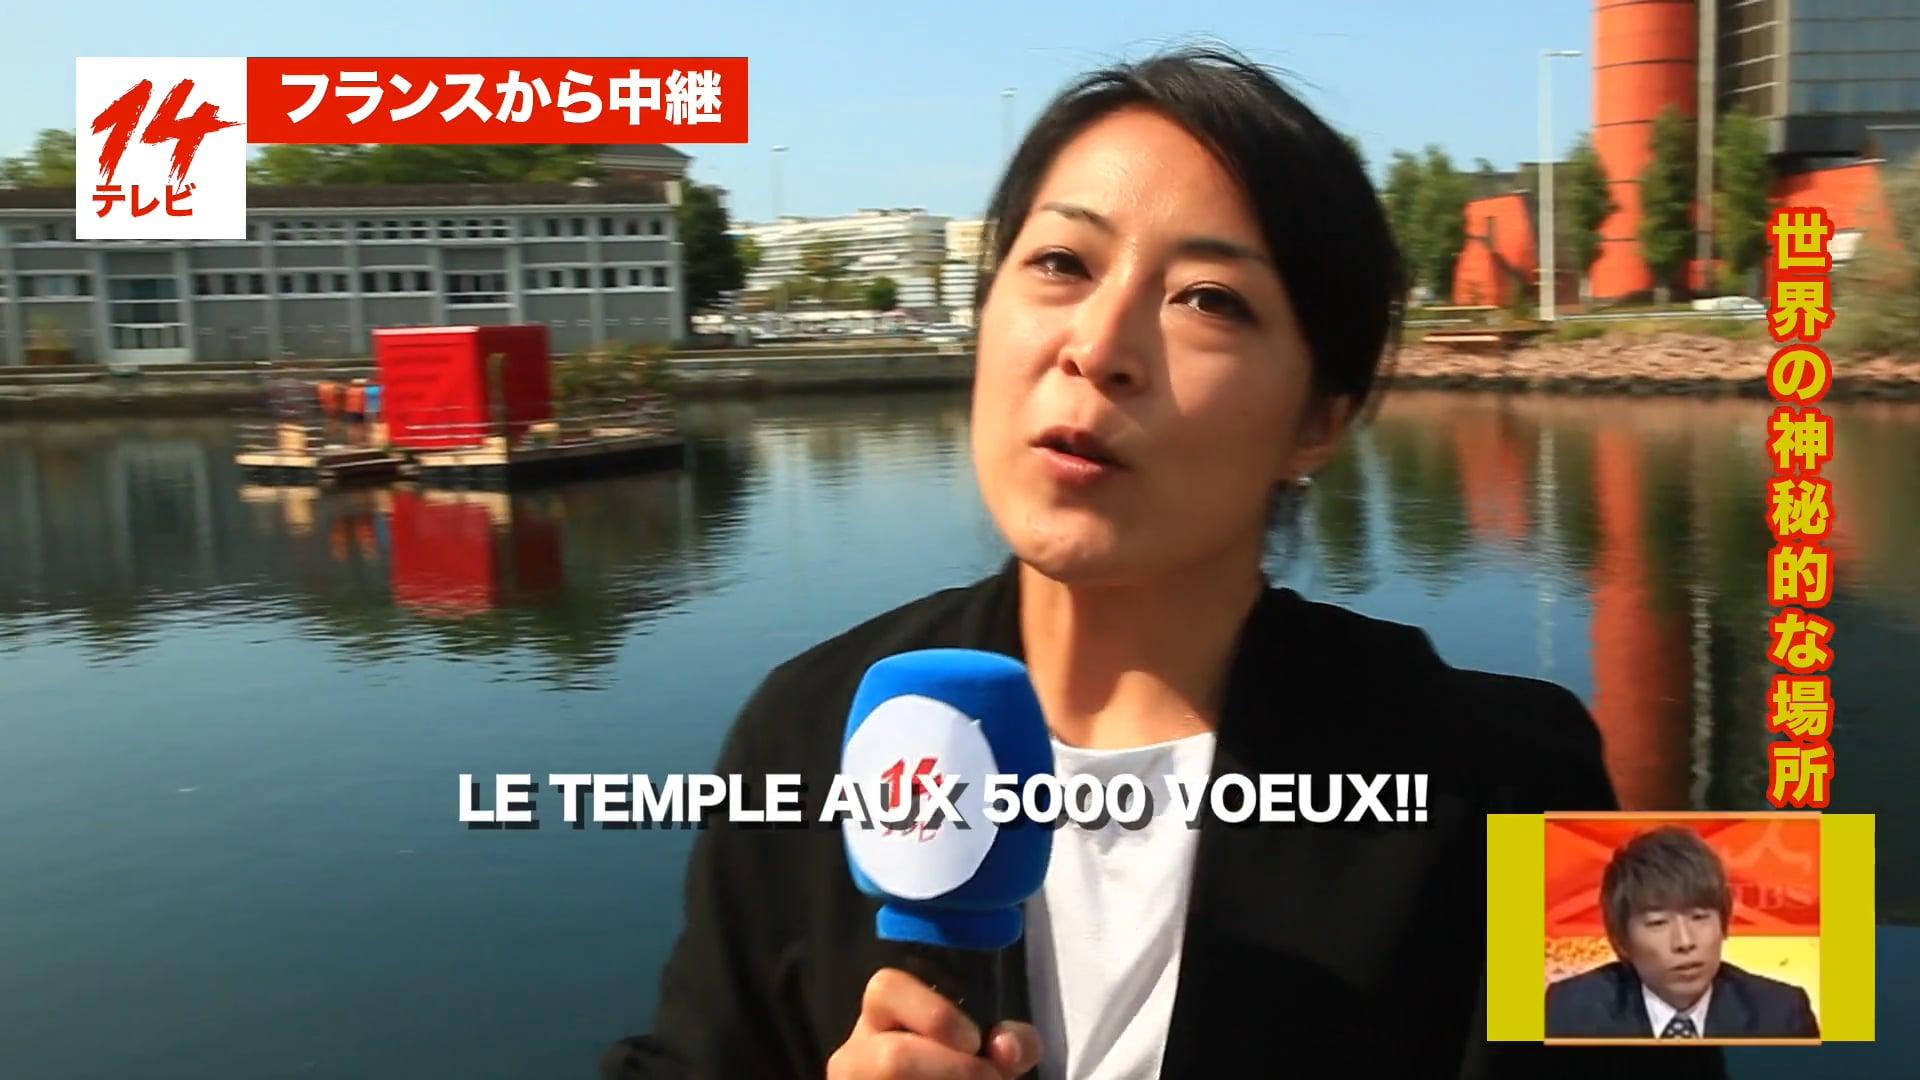 Le Temple aux 5000 Voeux à la télévision japonaise